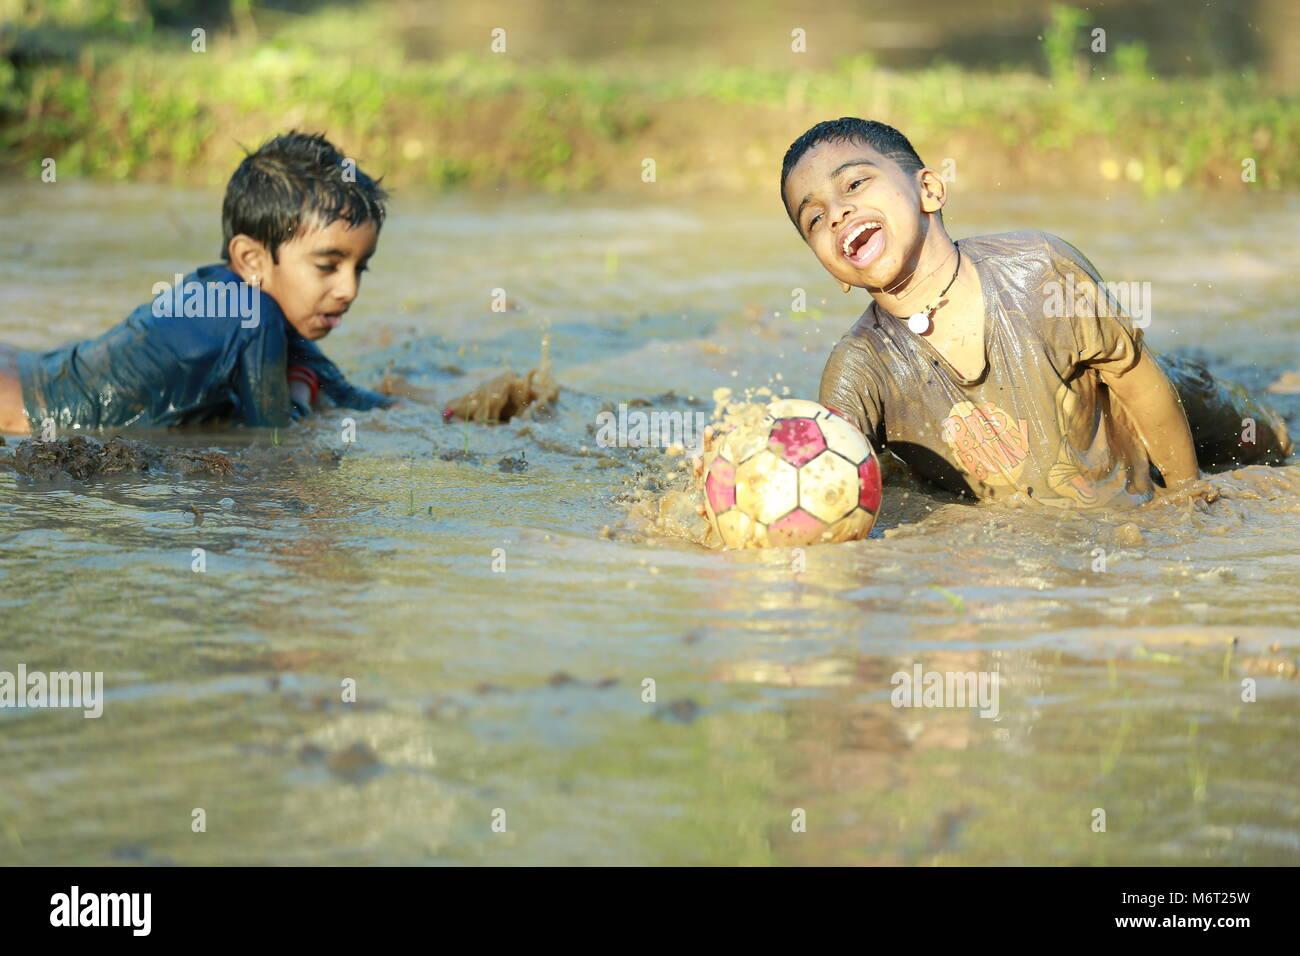 best childhood memories